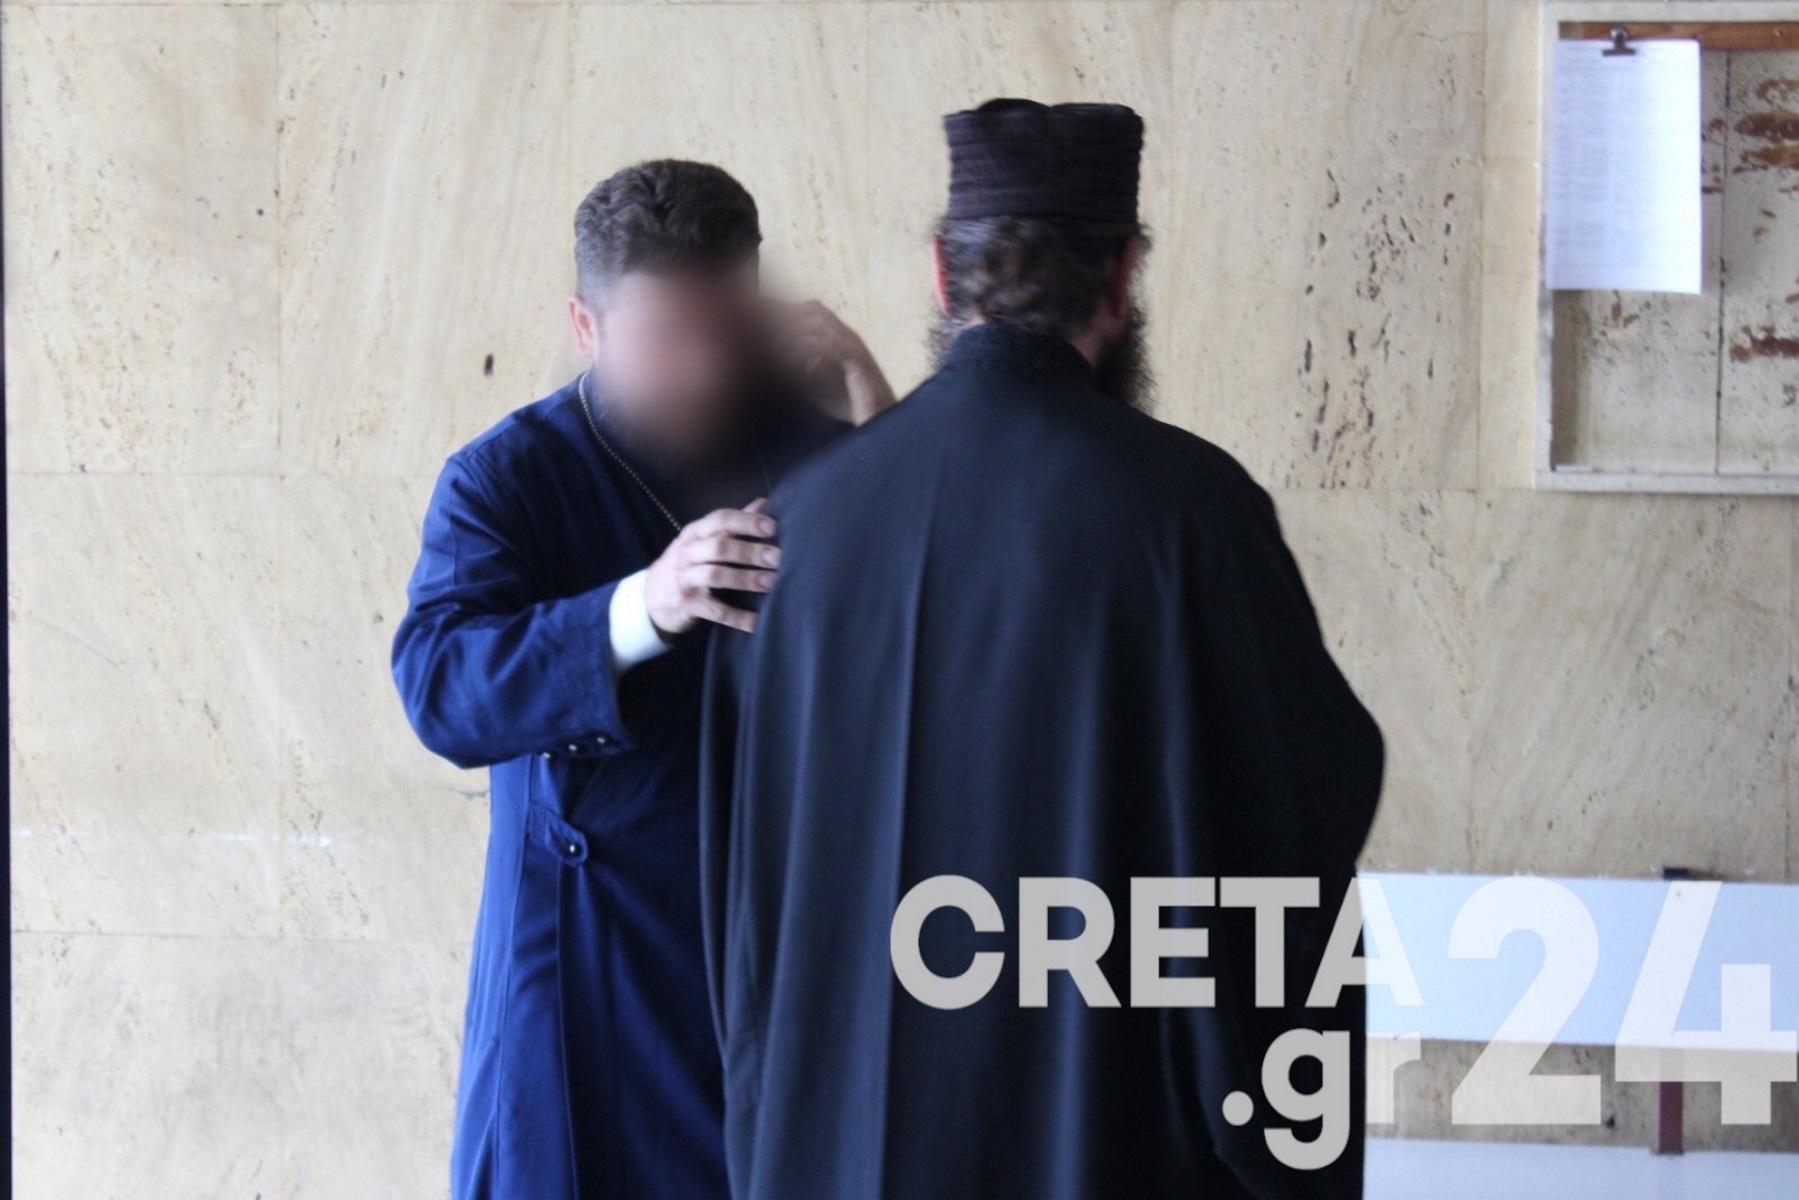 Κρήτη: Εννέα μήνες φυλακή στον ιερέα για το κήρυγμα κατά της μάσκας σε νηπιαγωγείο